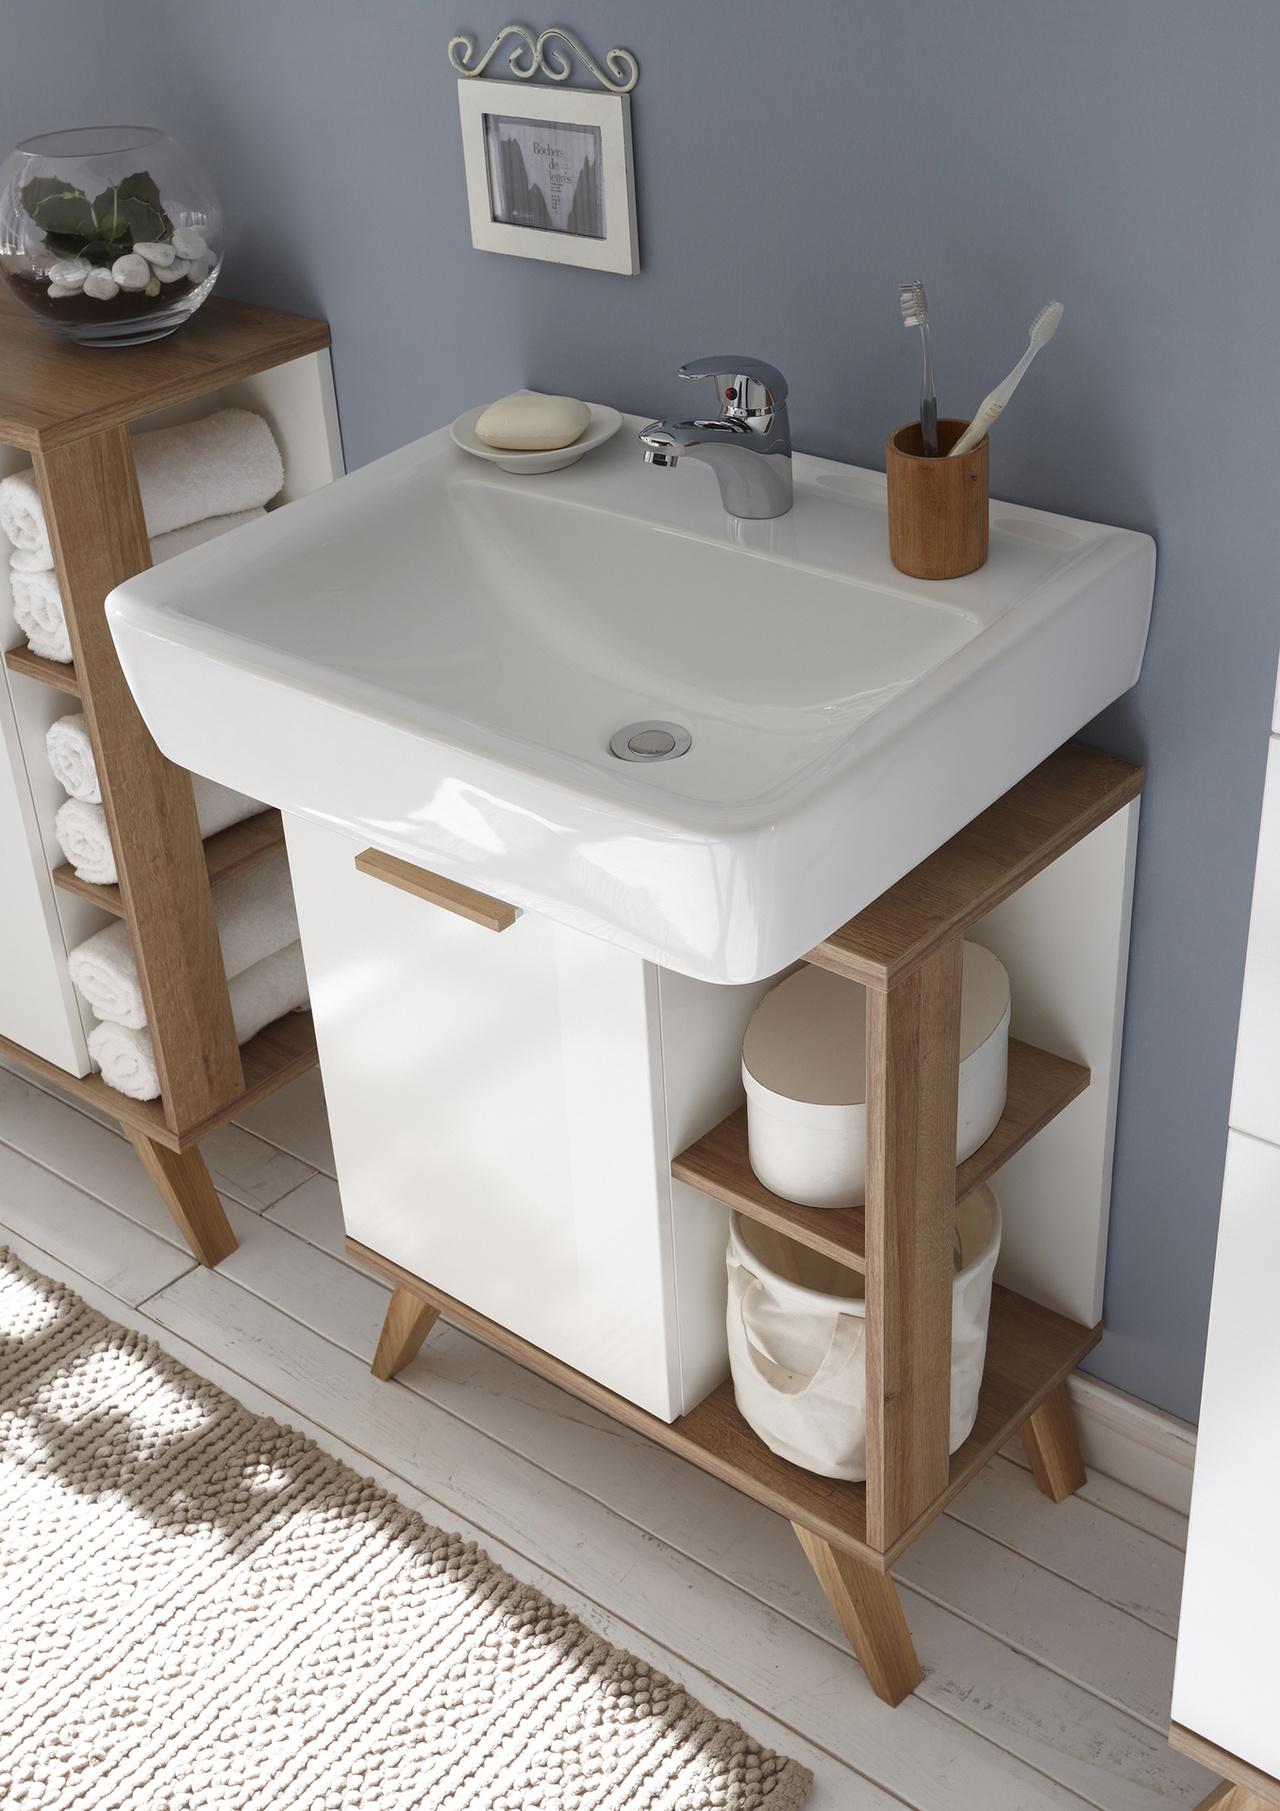 923 Noventa Quickset Bathroom Furniture Brands Furniture By Pelipal